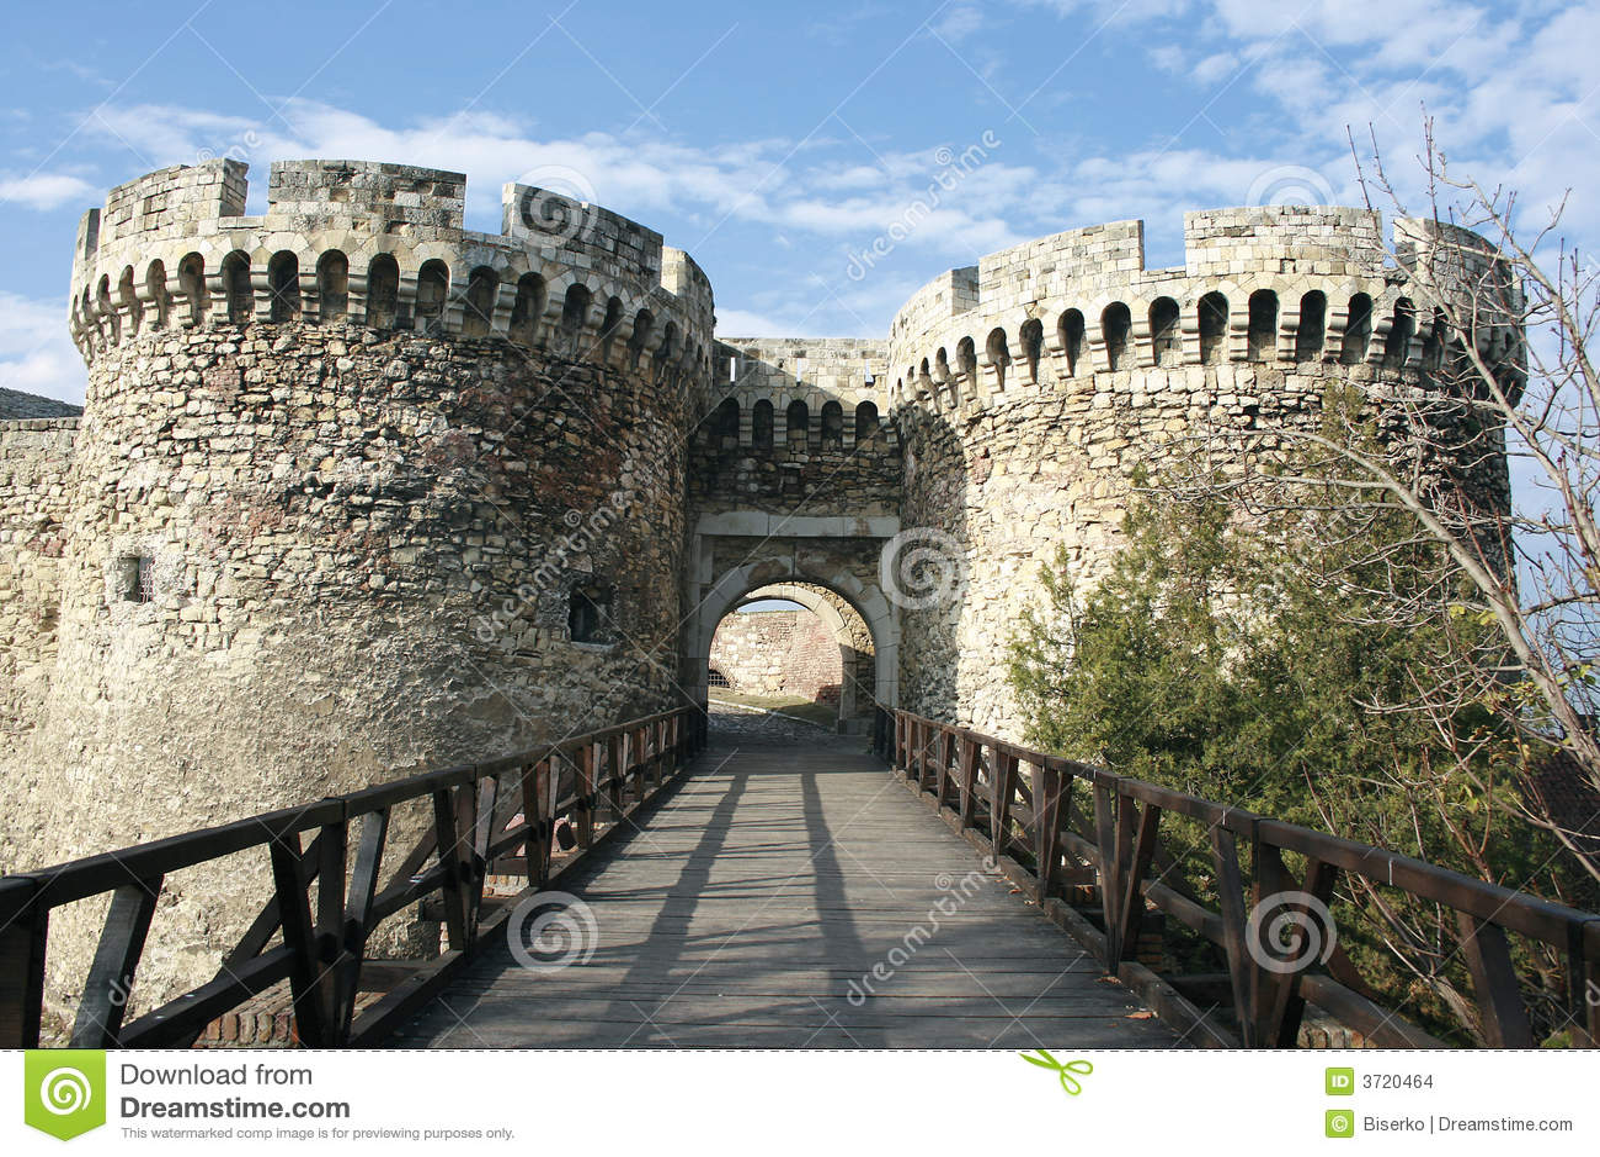 Belgrad-Festung